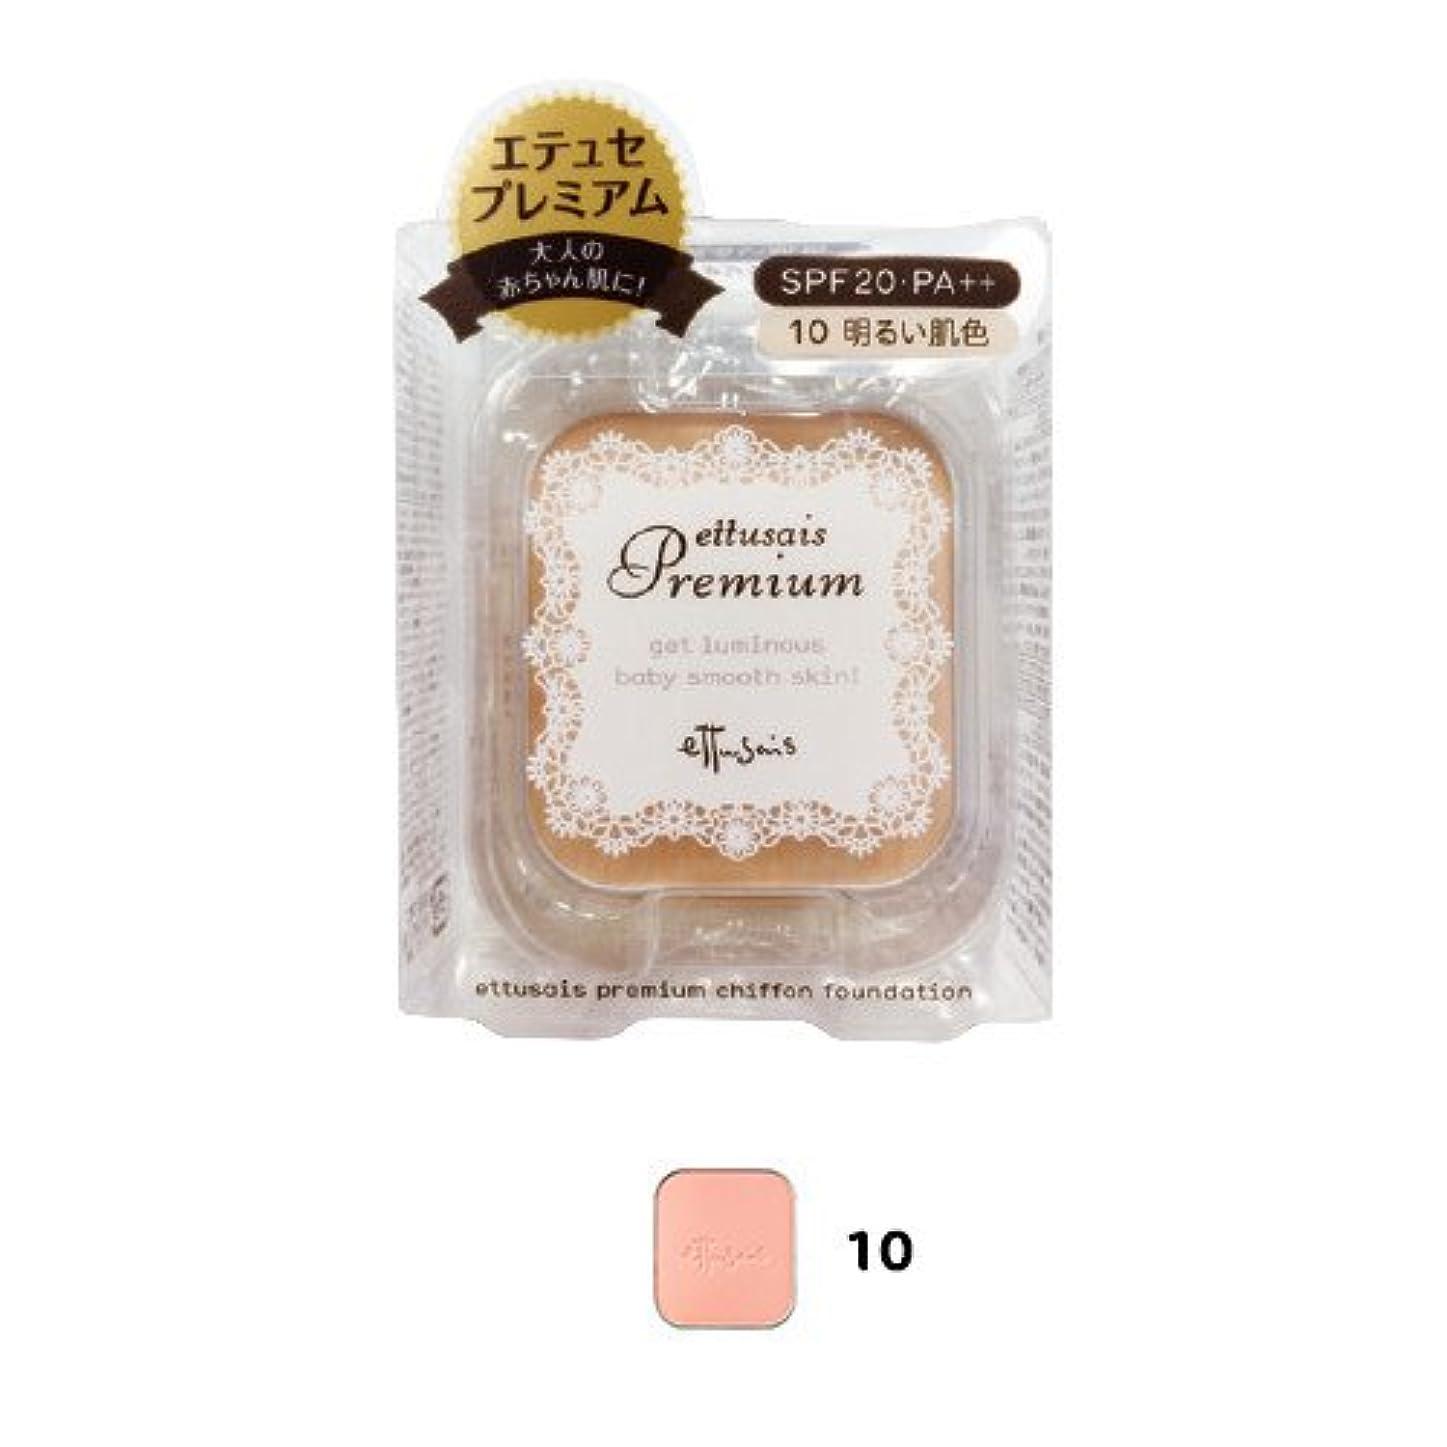 ファイナンス袋サイズエテュセ プレミアム シフォンファンデーション 10(明るい肌色) レフィル SPF20?PA++ 9g